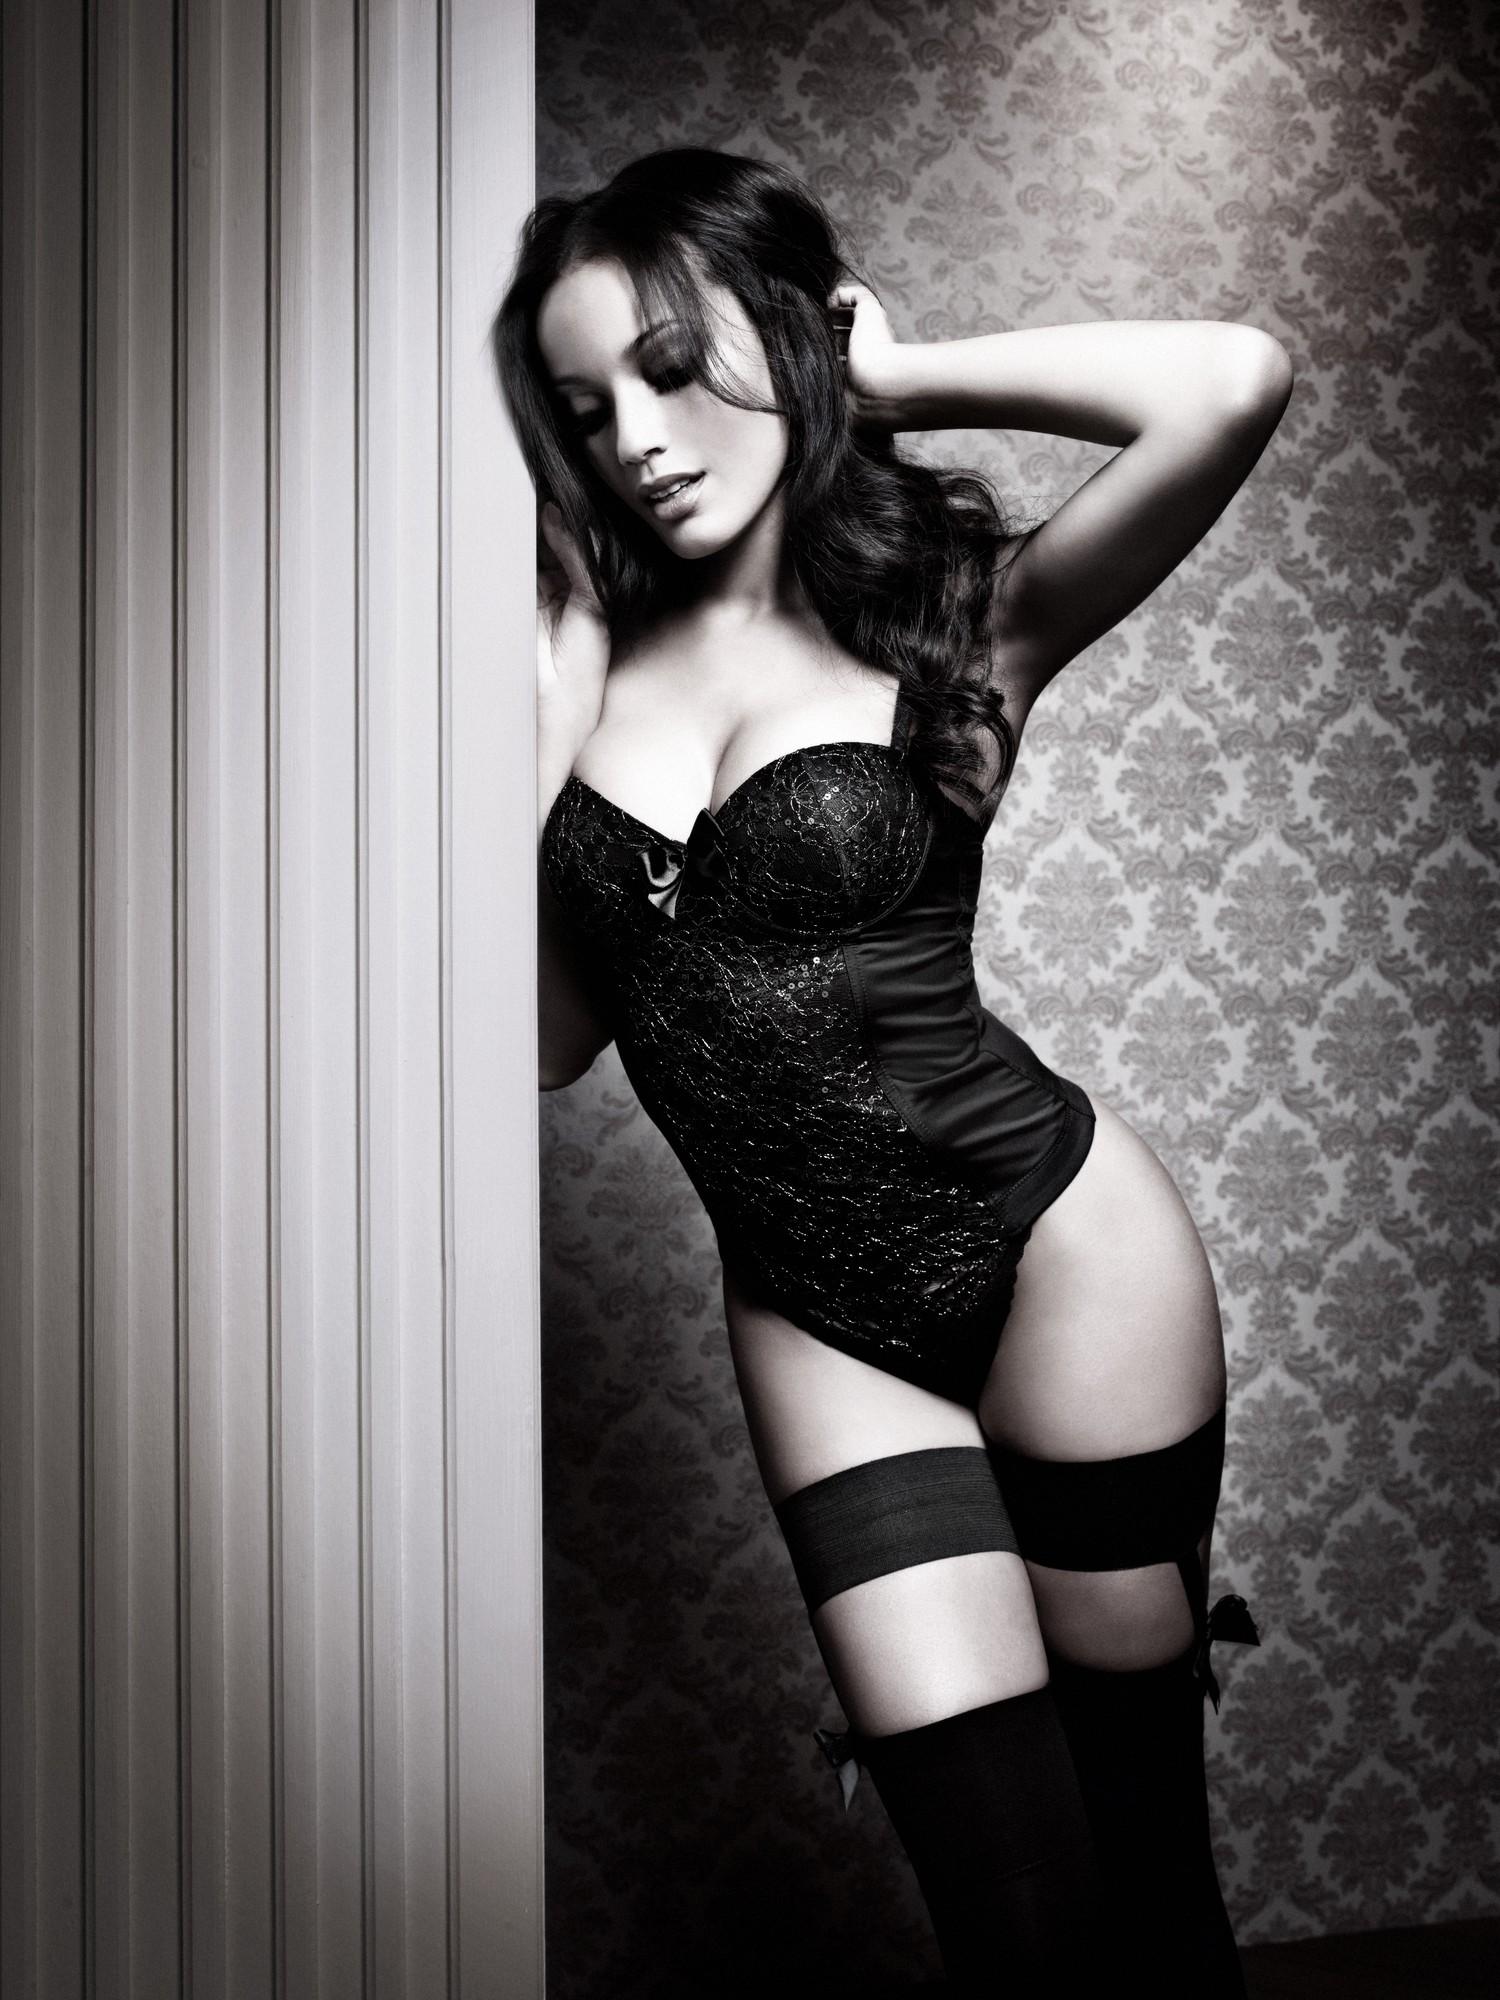 красивые эротичные фото женщины вамп доминирующая полуобнаженная жанной только